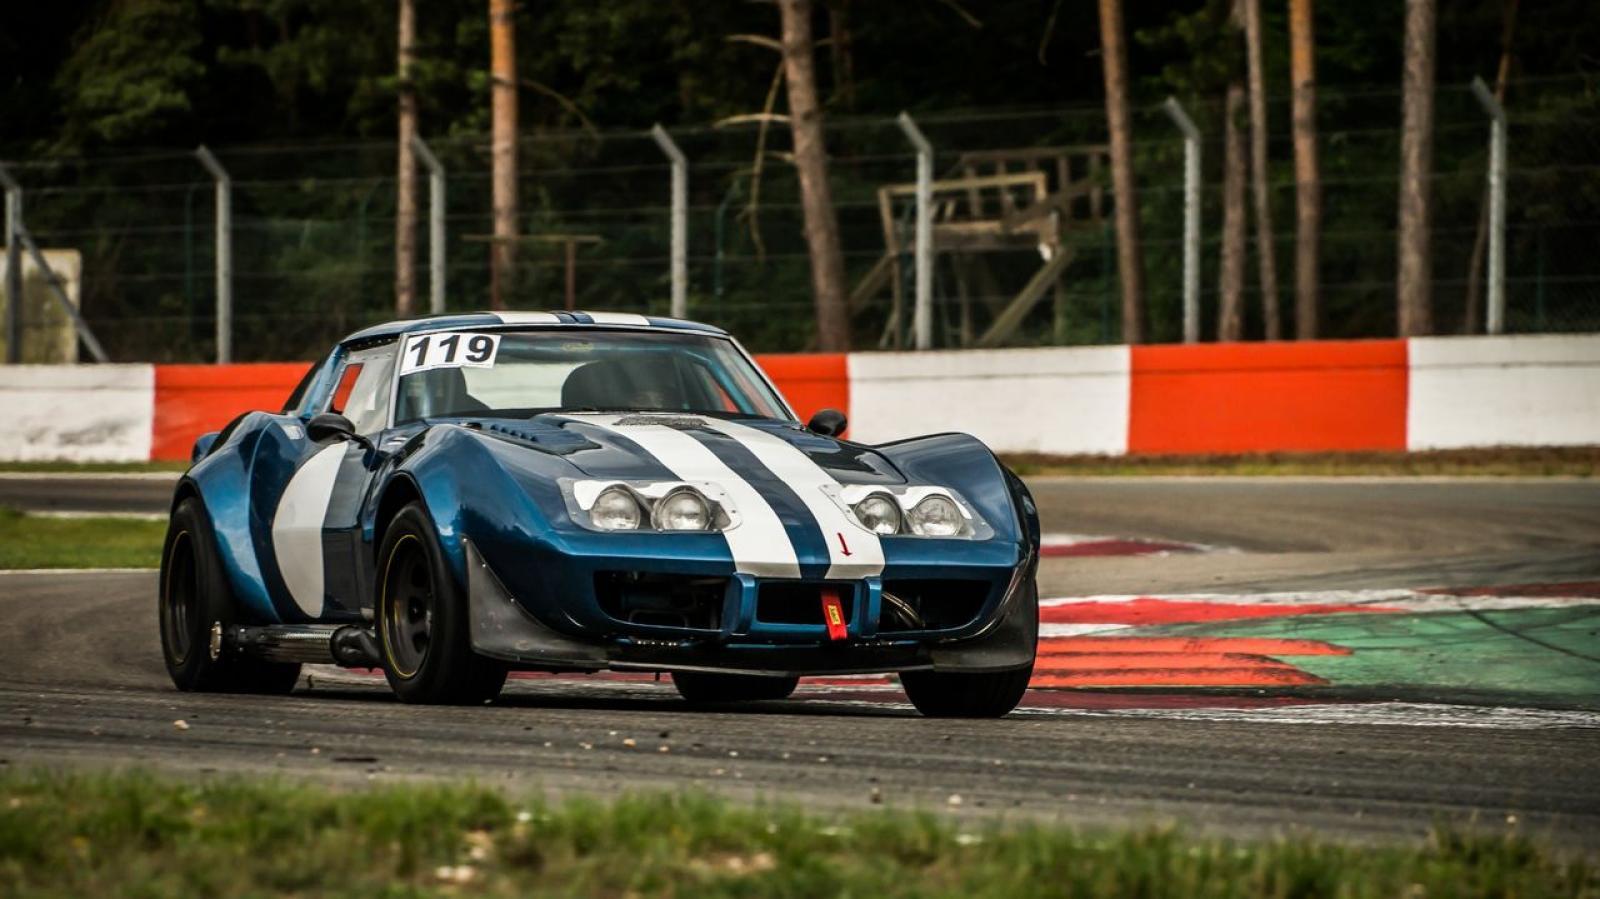 Corvette C3 Stingray FIA Historic Race Car - 5